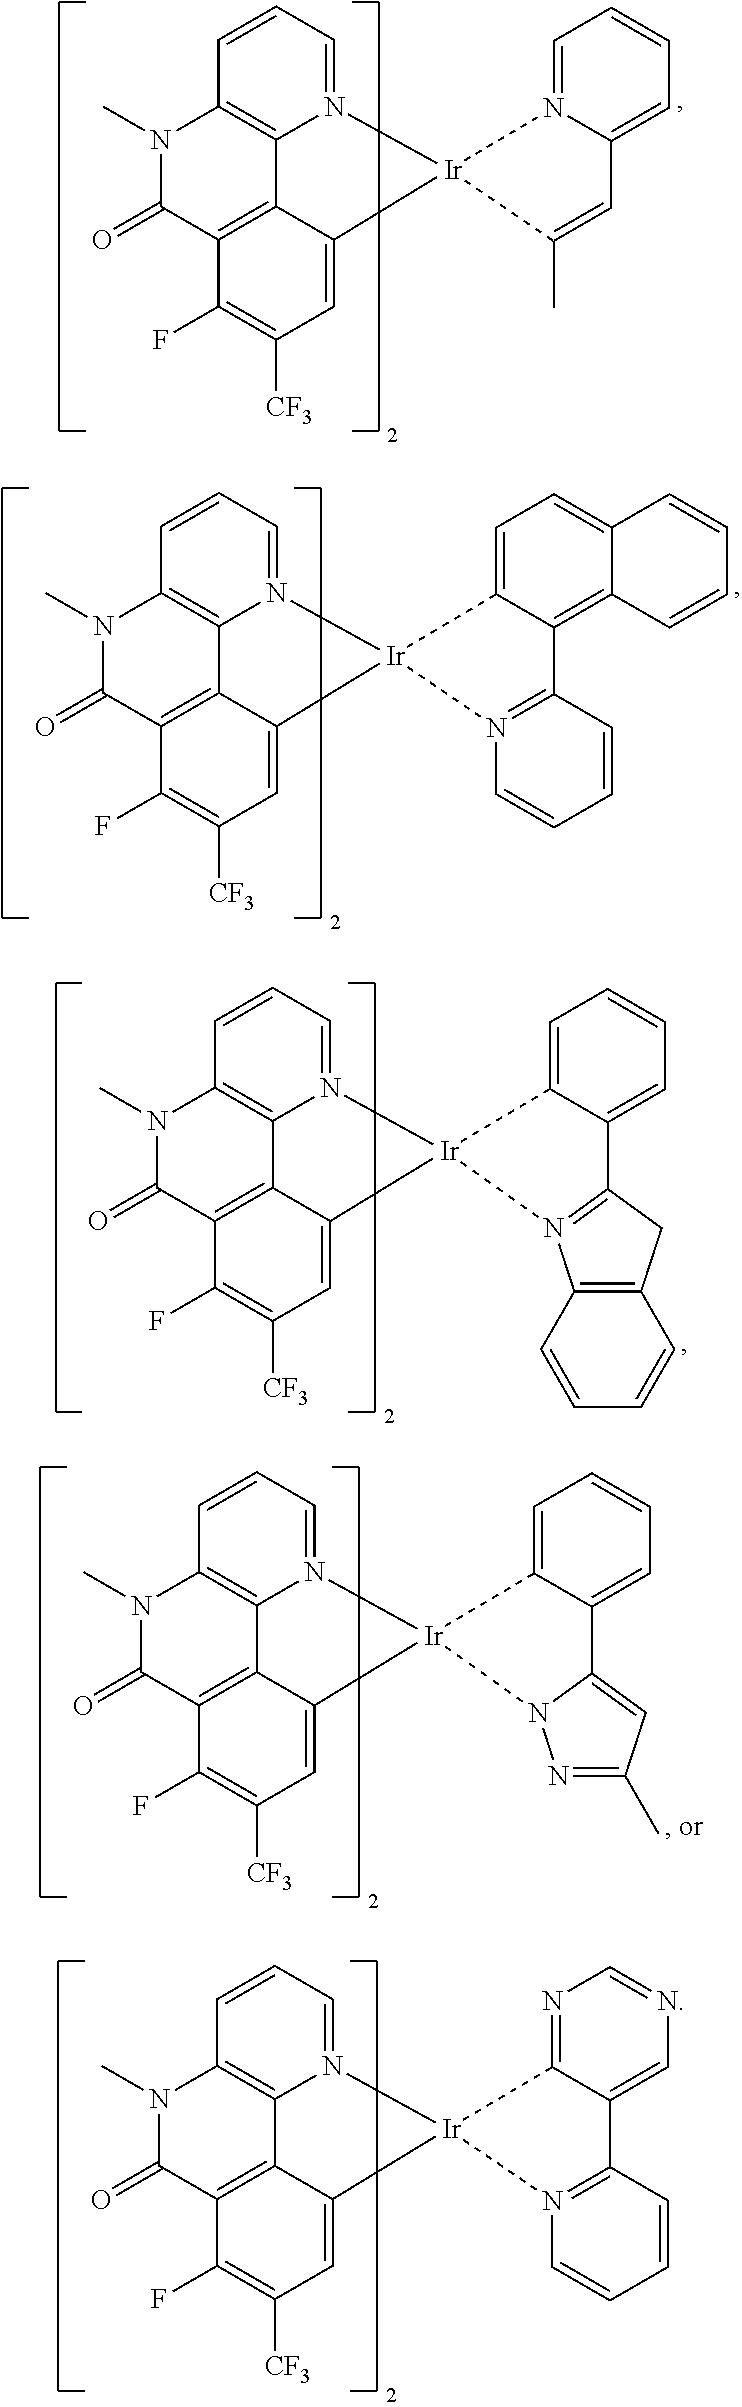 Figure US09634266-20170425-C00023